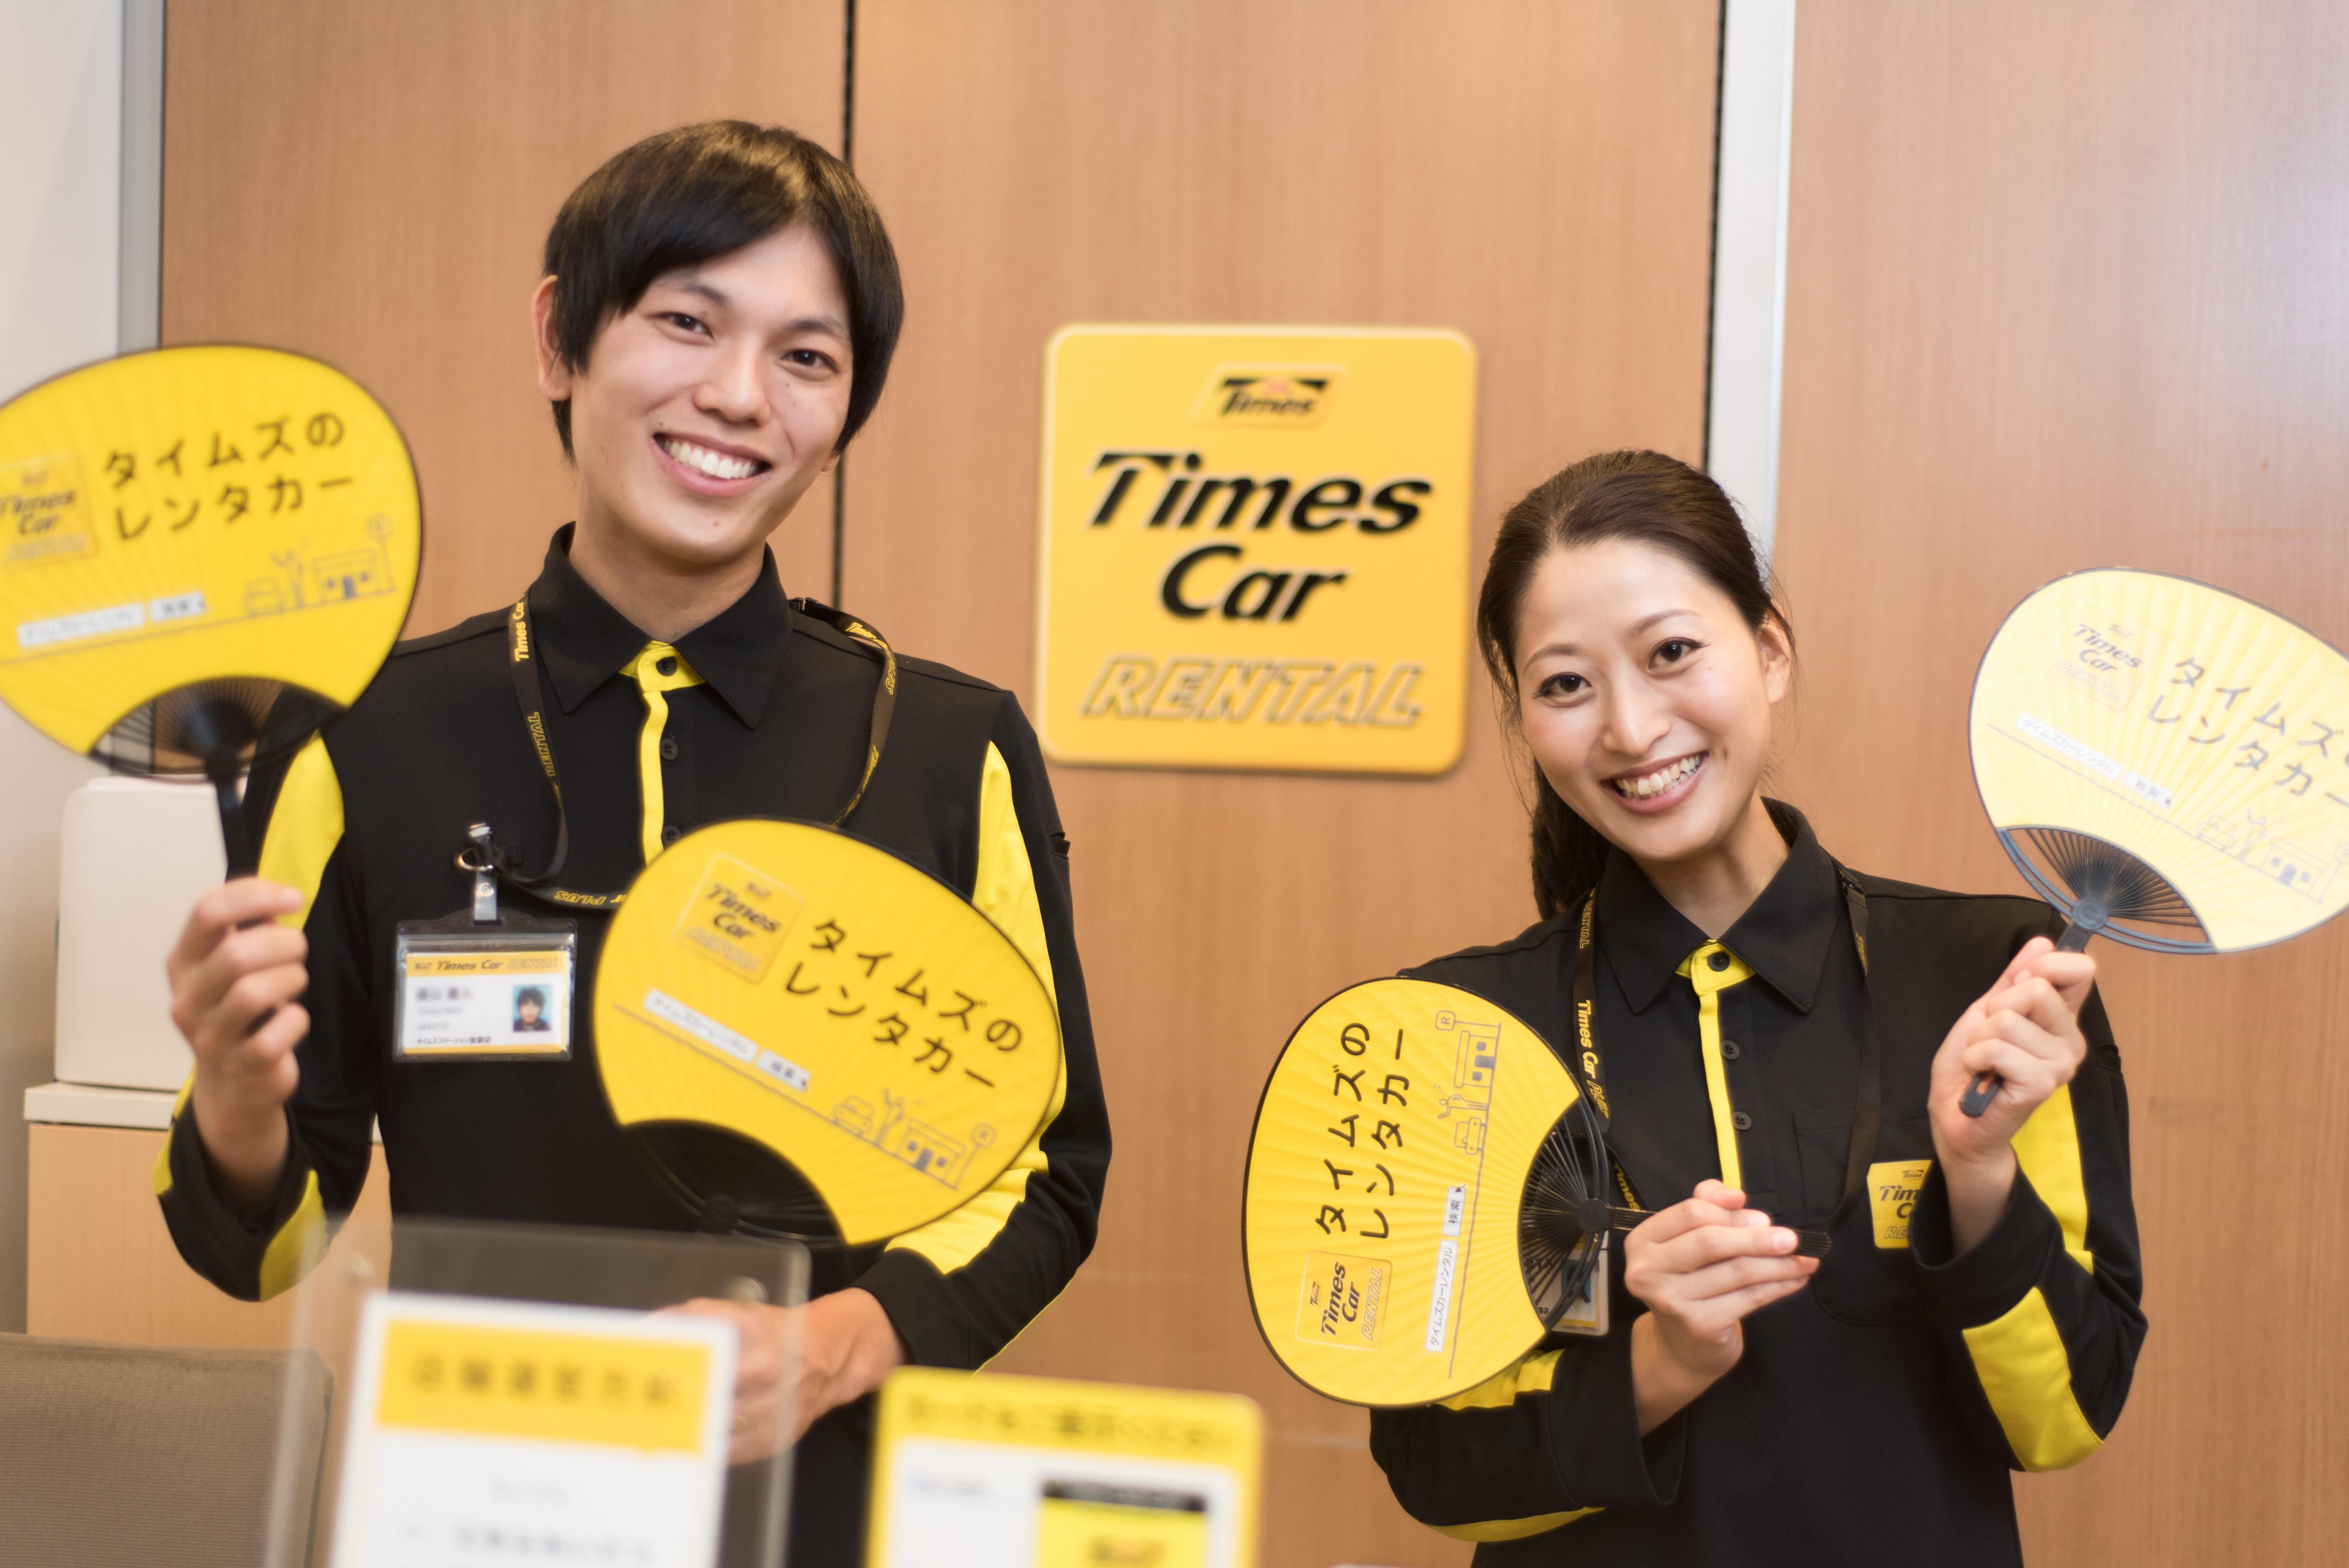 タイムズカーレンタル 宮崎駅前店 のアルバイト情報